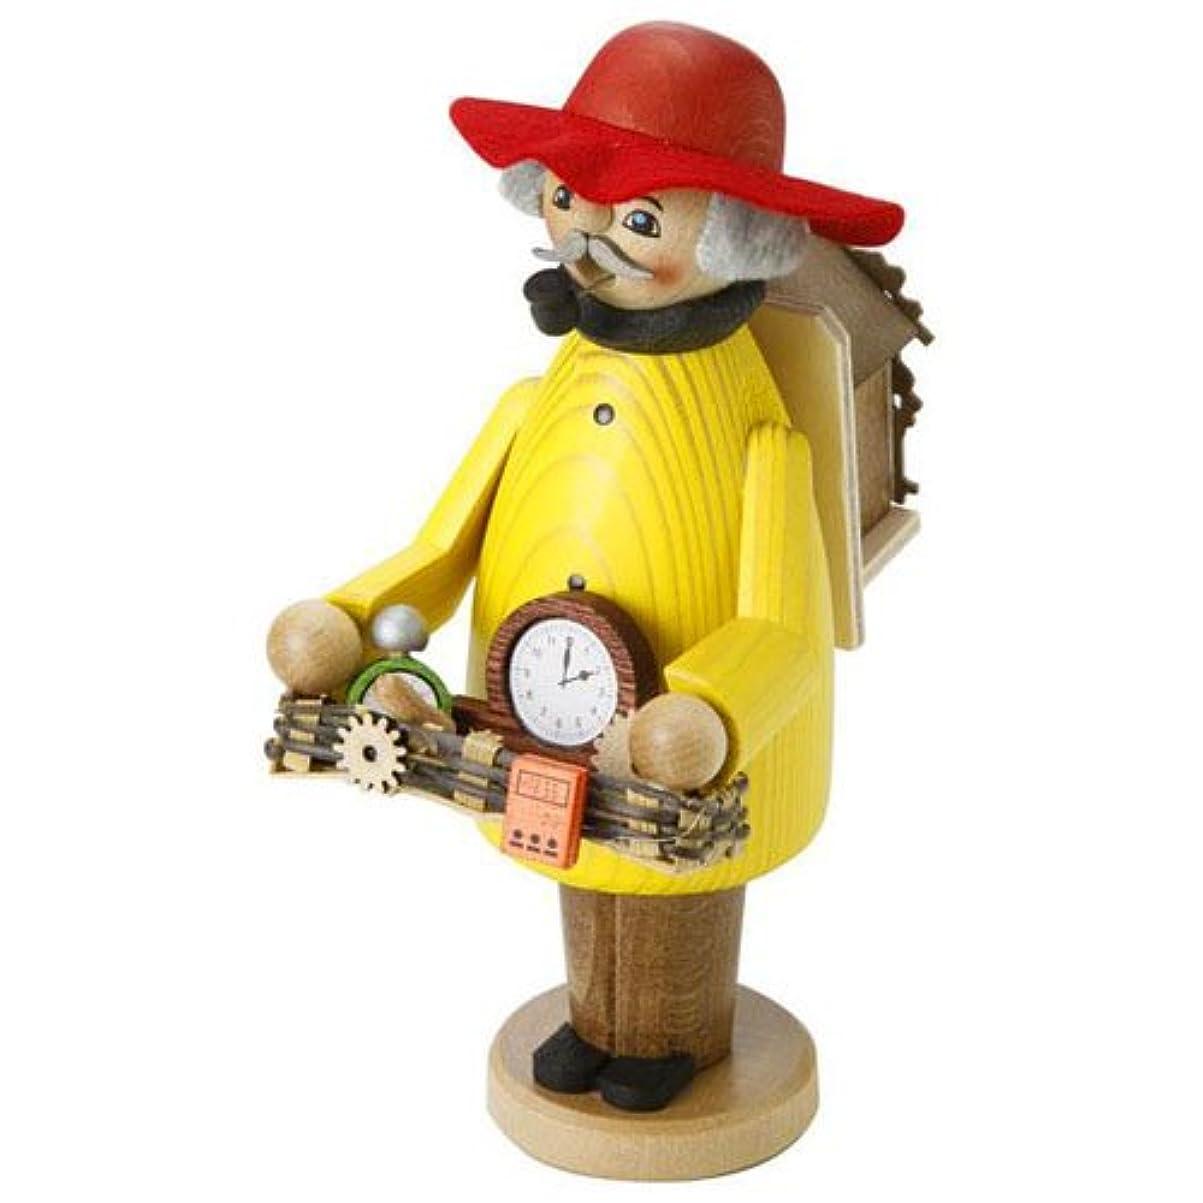 変化安息のれんkuhnert ミニパイプ人形香炉 時計売り